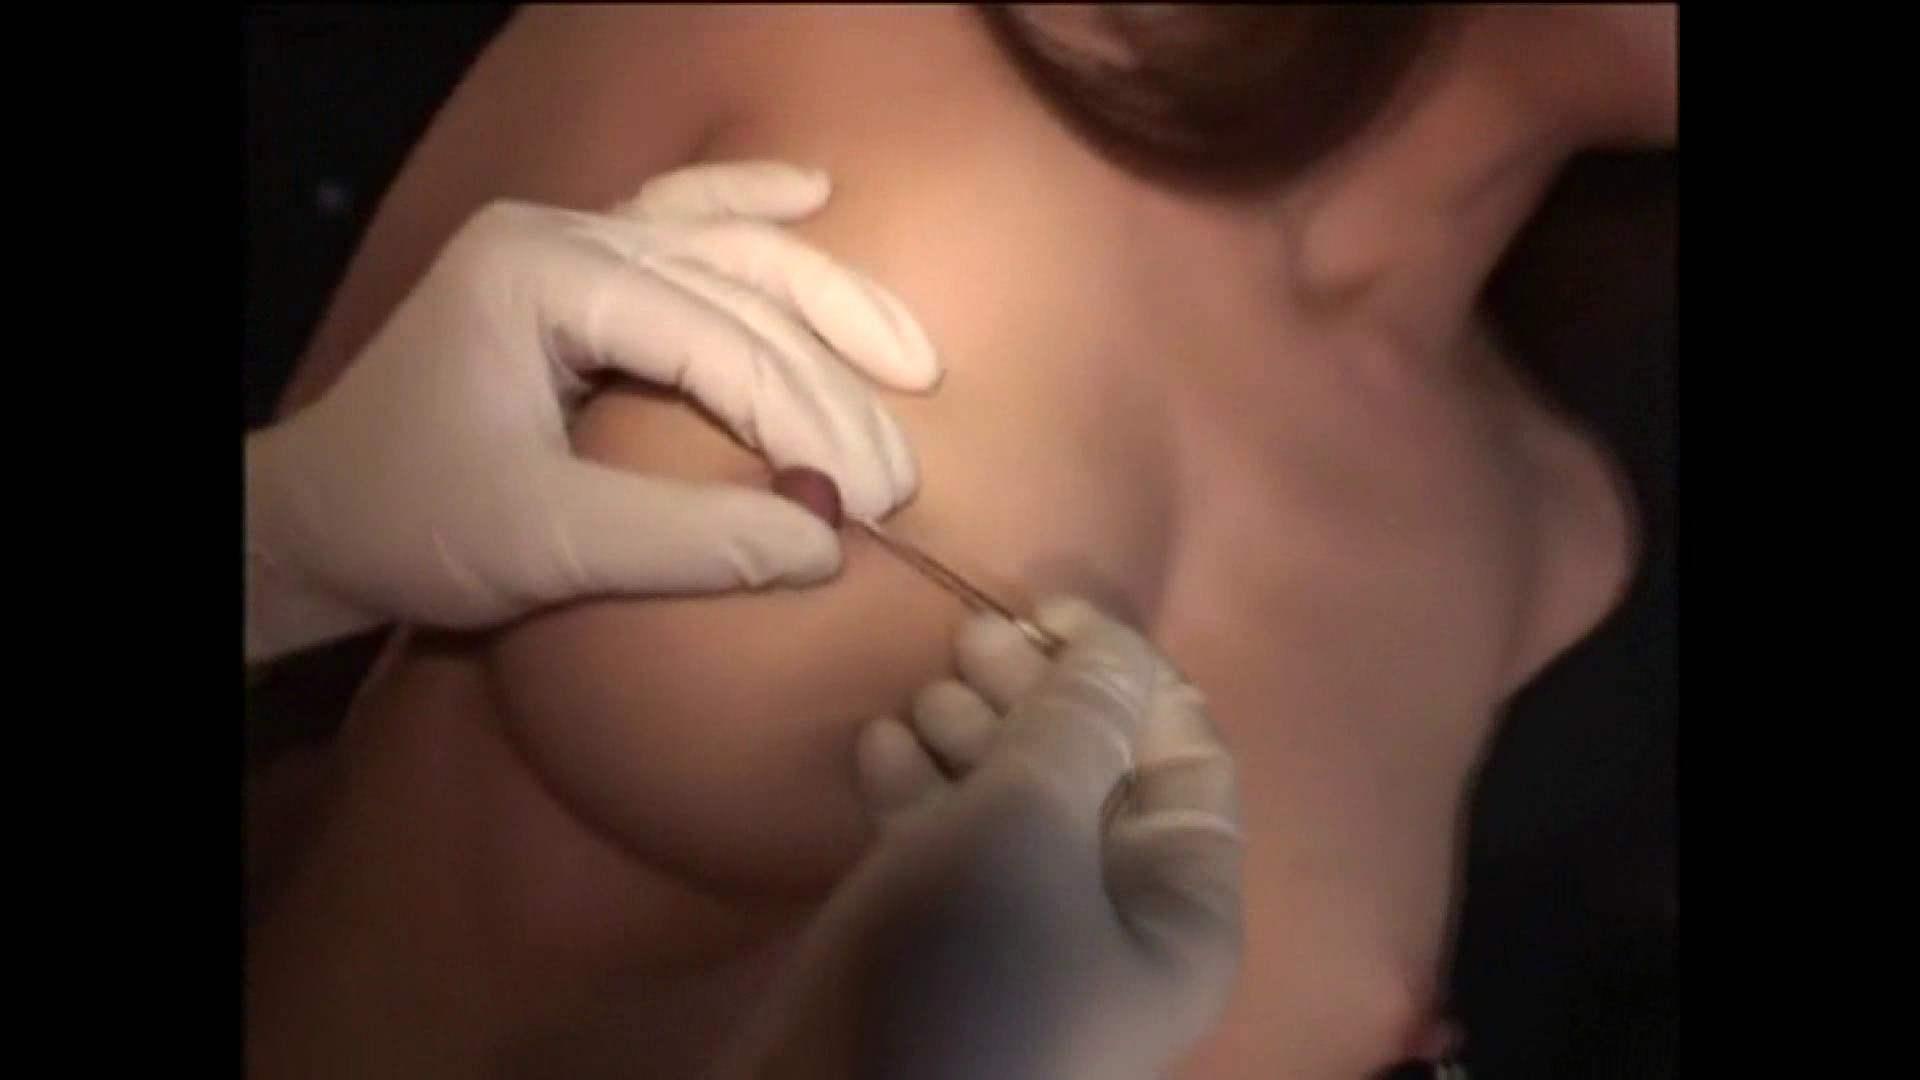 もっと衝撃的な刺激が欲しいの Vol.01 悪戯  65連発 7